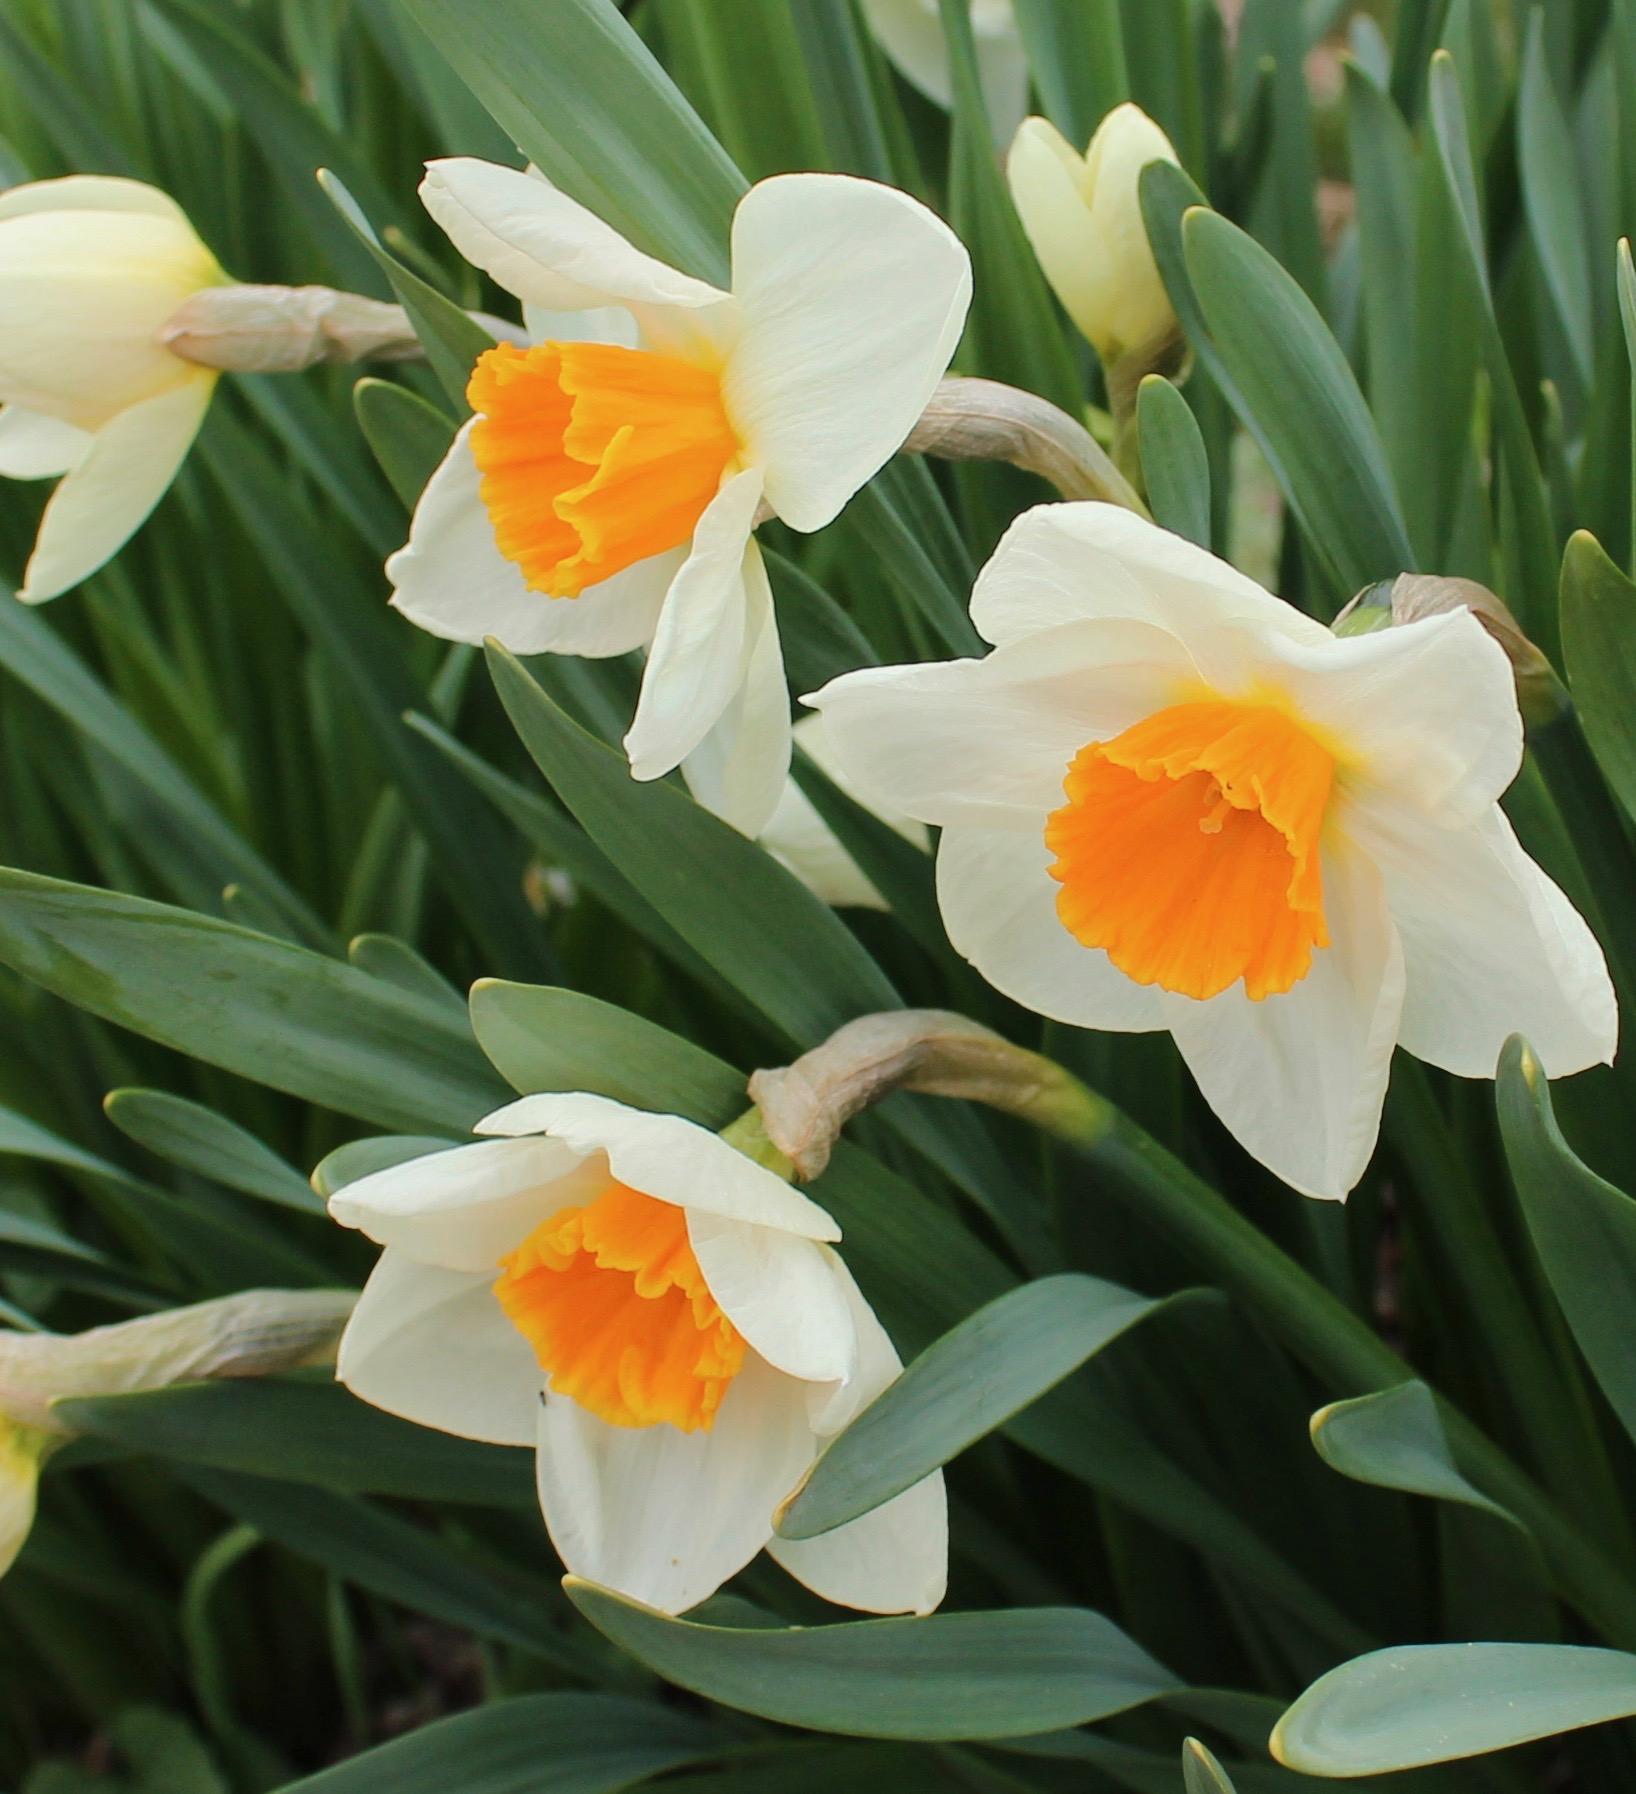 daffodil glaston